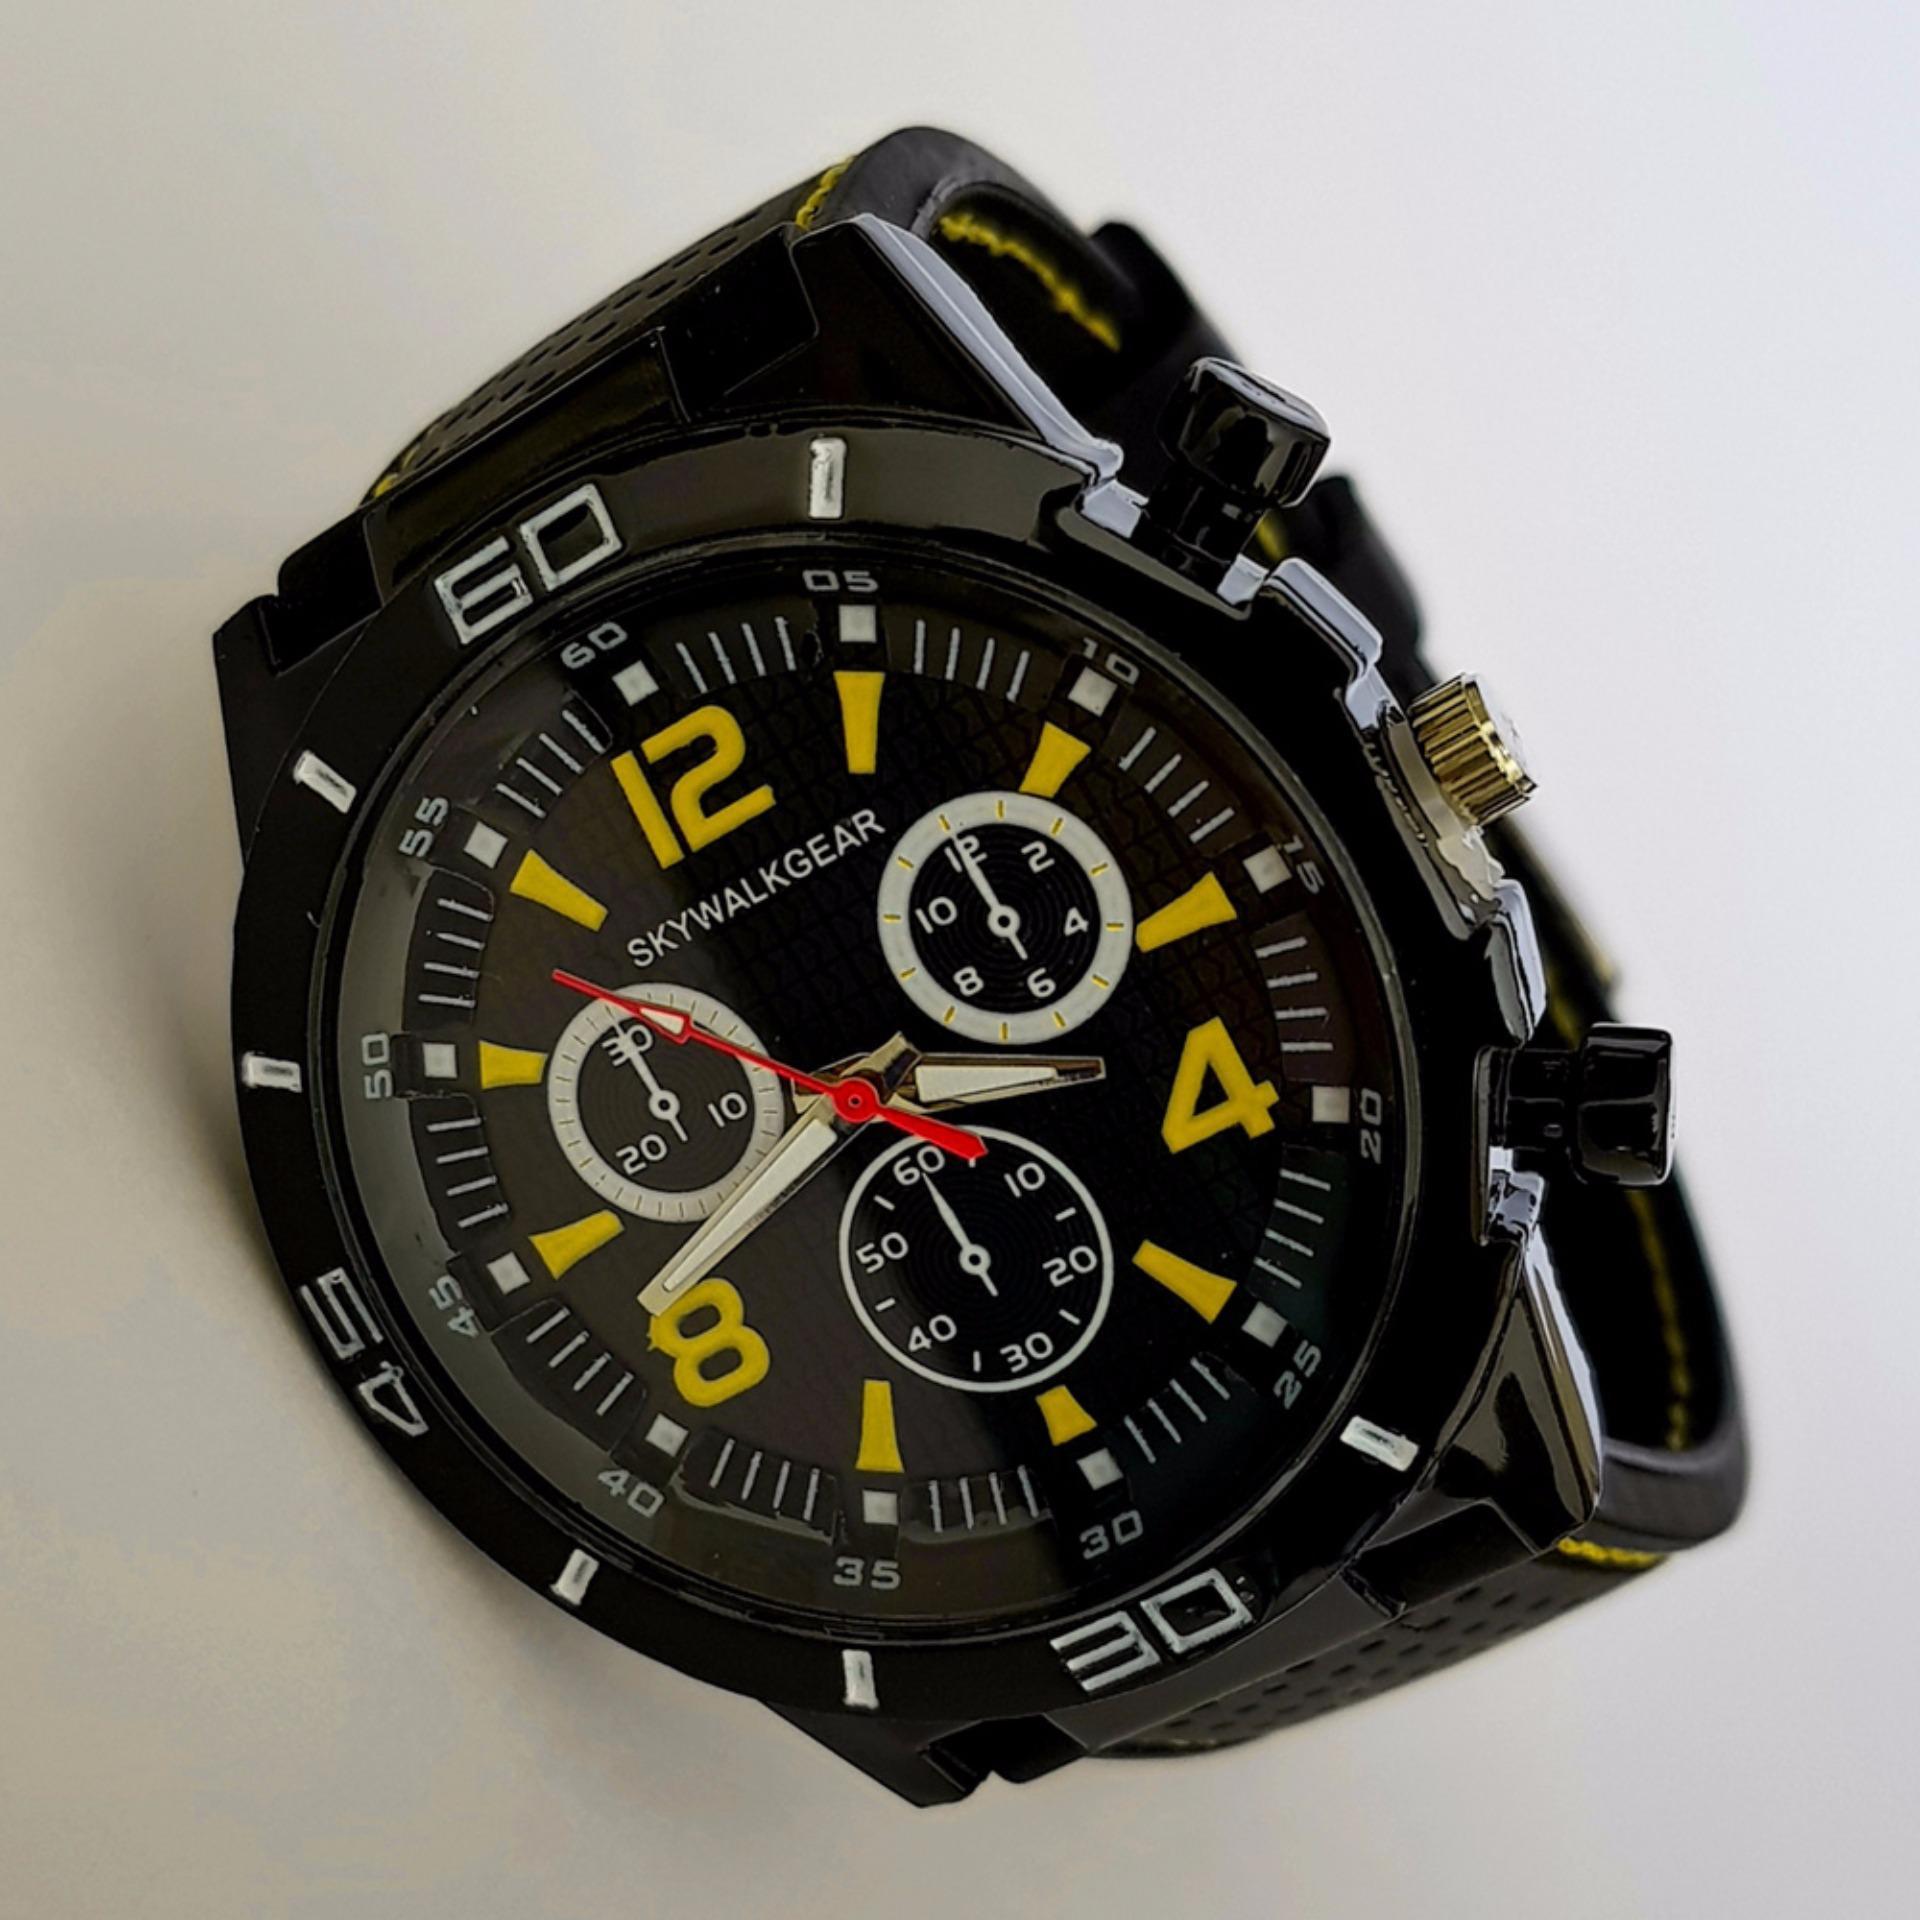 Swiss Navy Jam Tangan Pria Hitam Orange Strap Kulit S611 Daftar Rosegold Leather Sn 8647 Skywalkgear Hugo 5001 Kuning